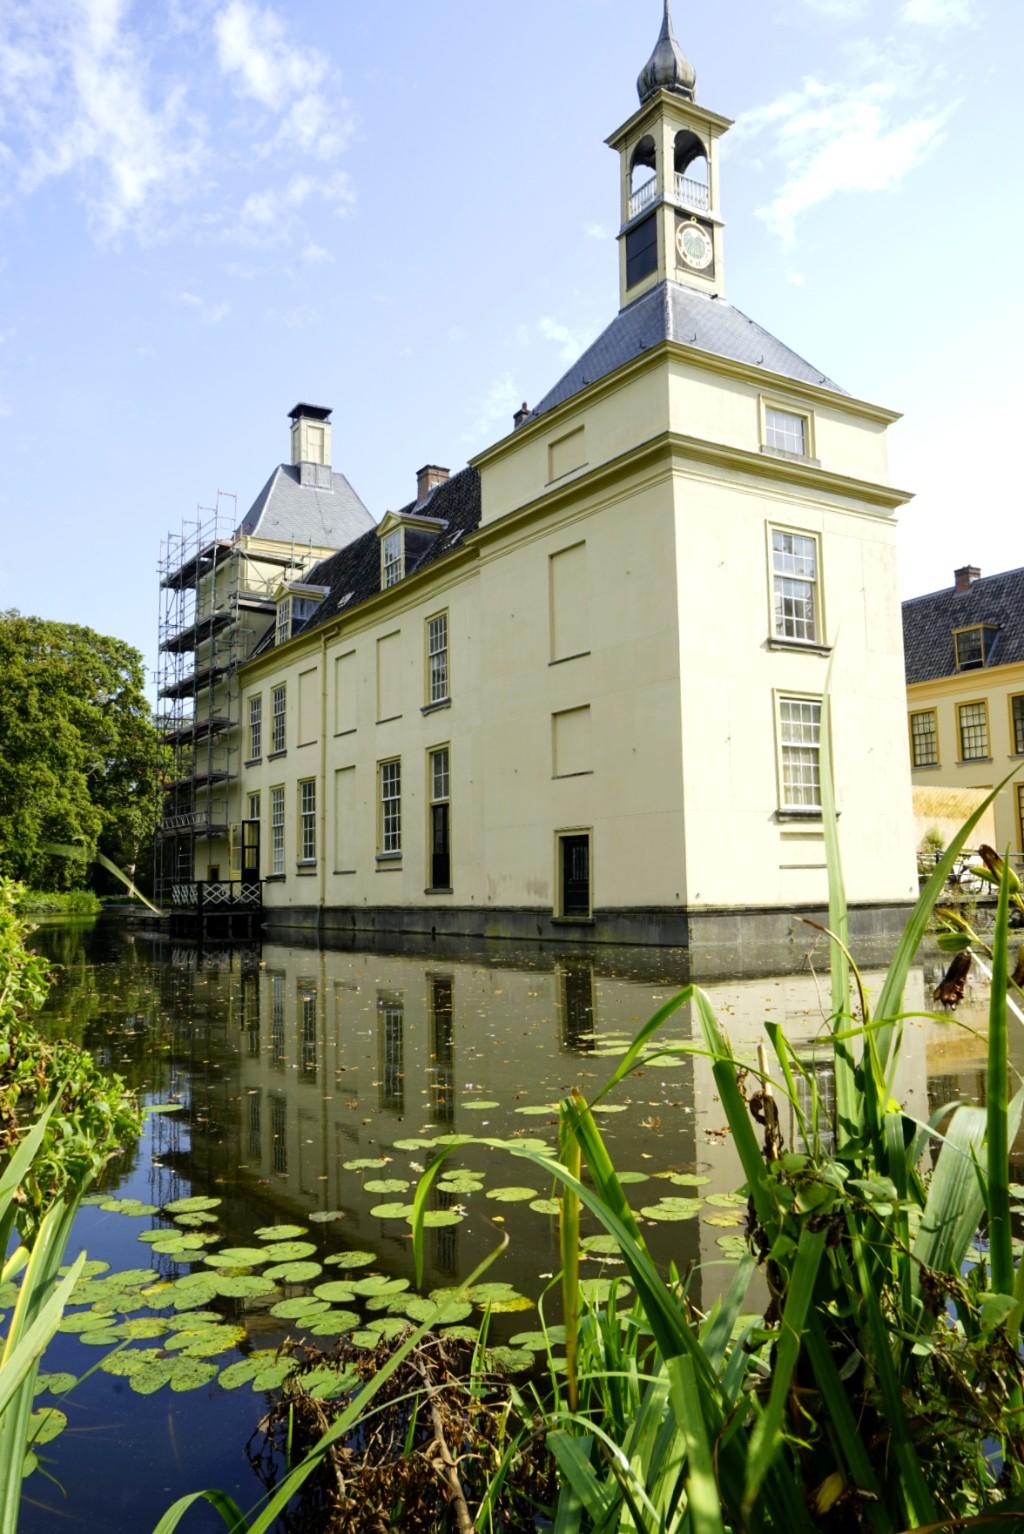 landgoed Huys te Warmont, erfgoed, kasteel, landgoed, zuid-holland